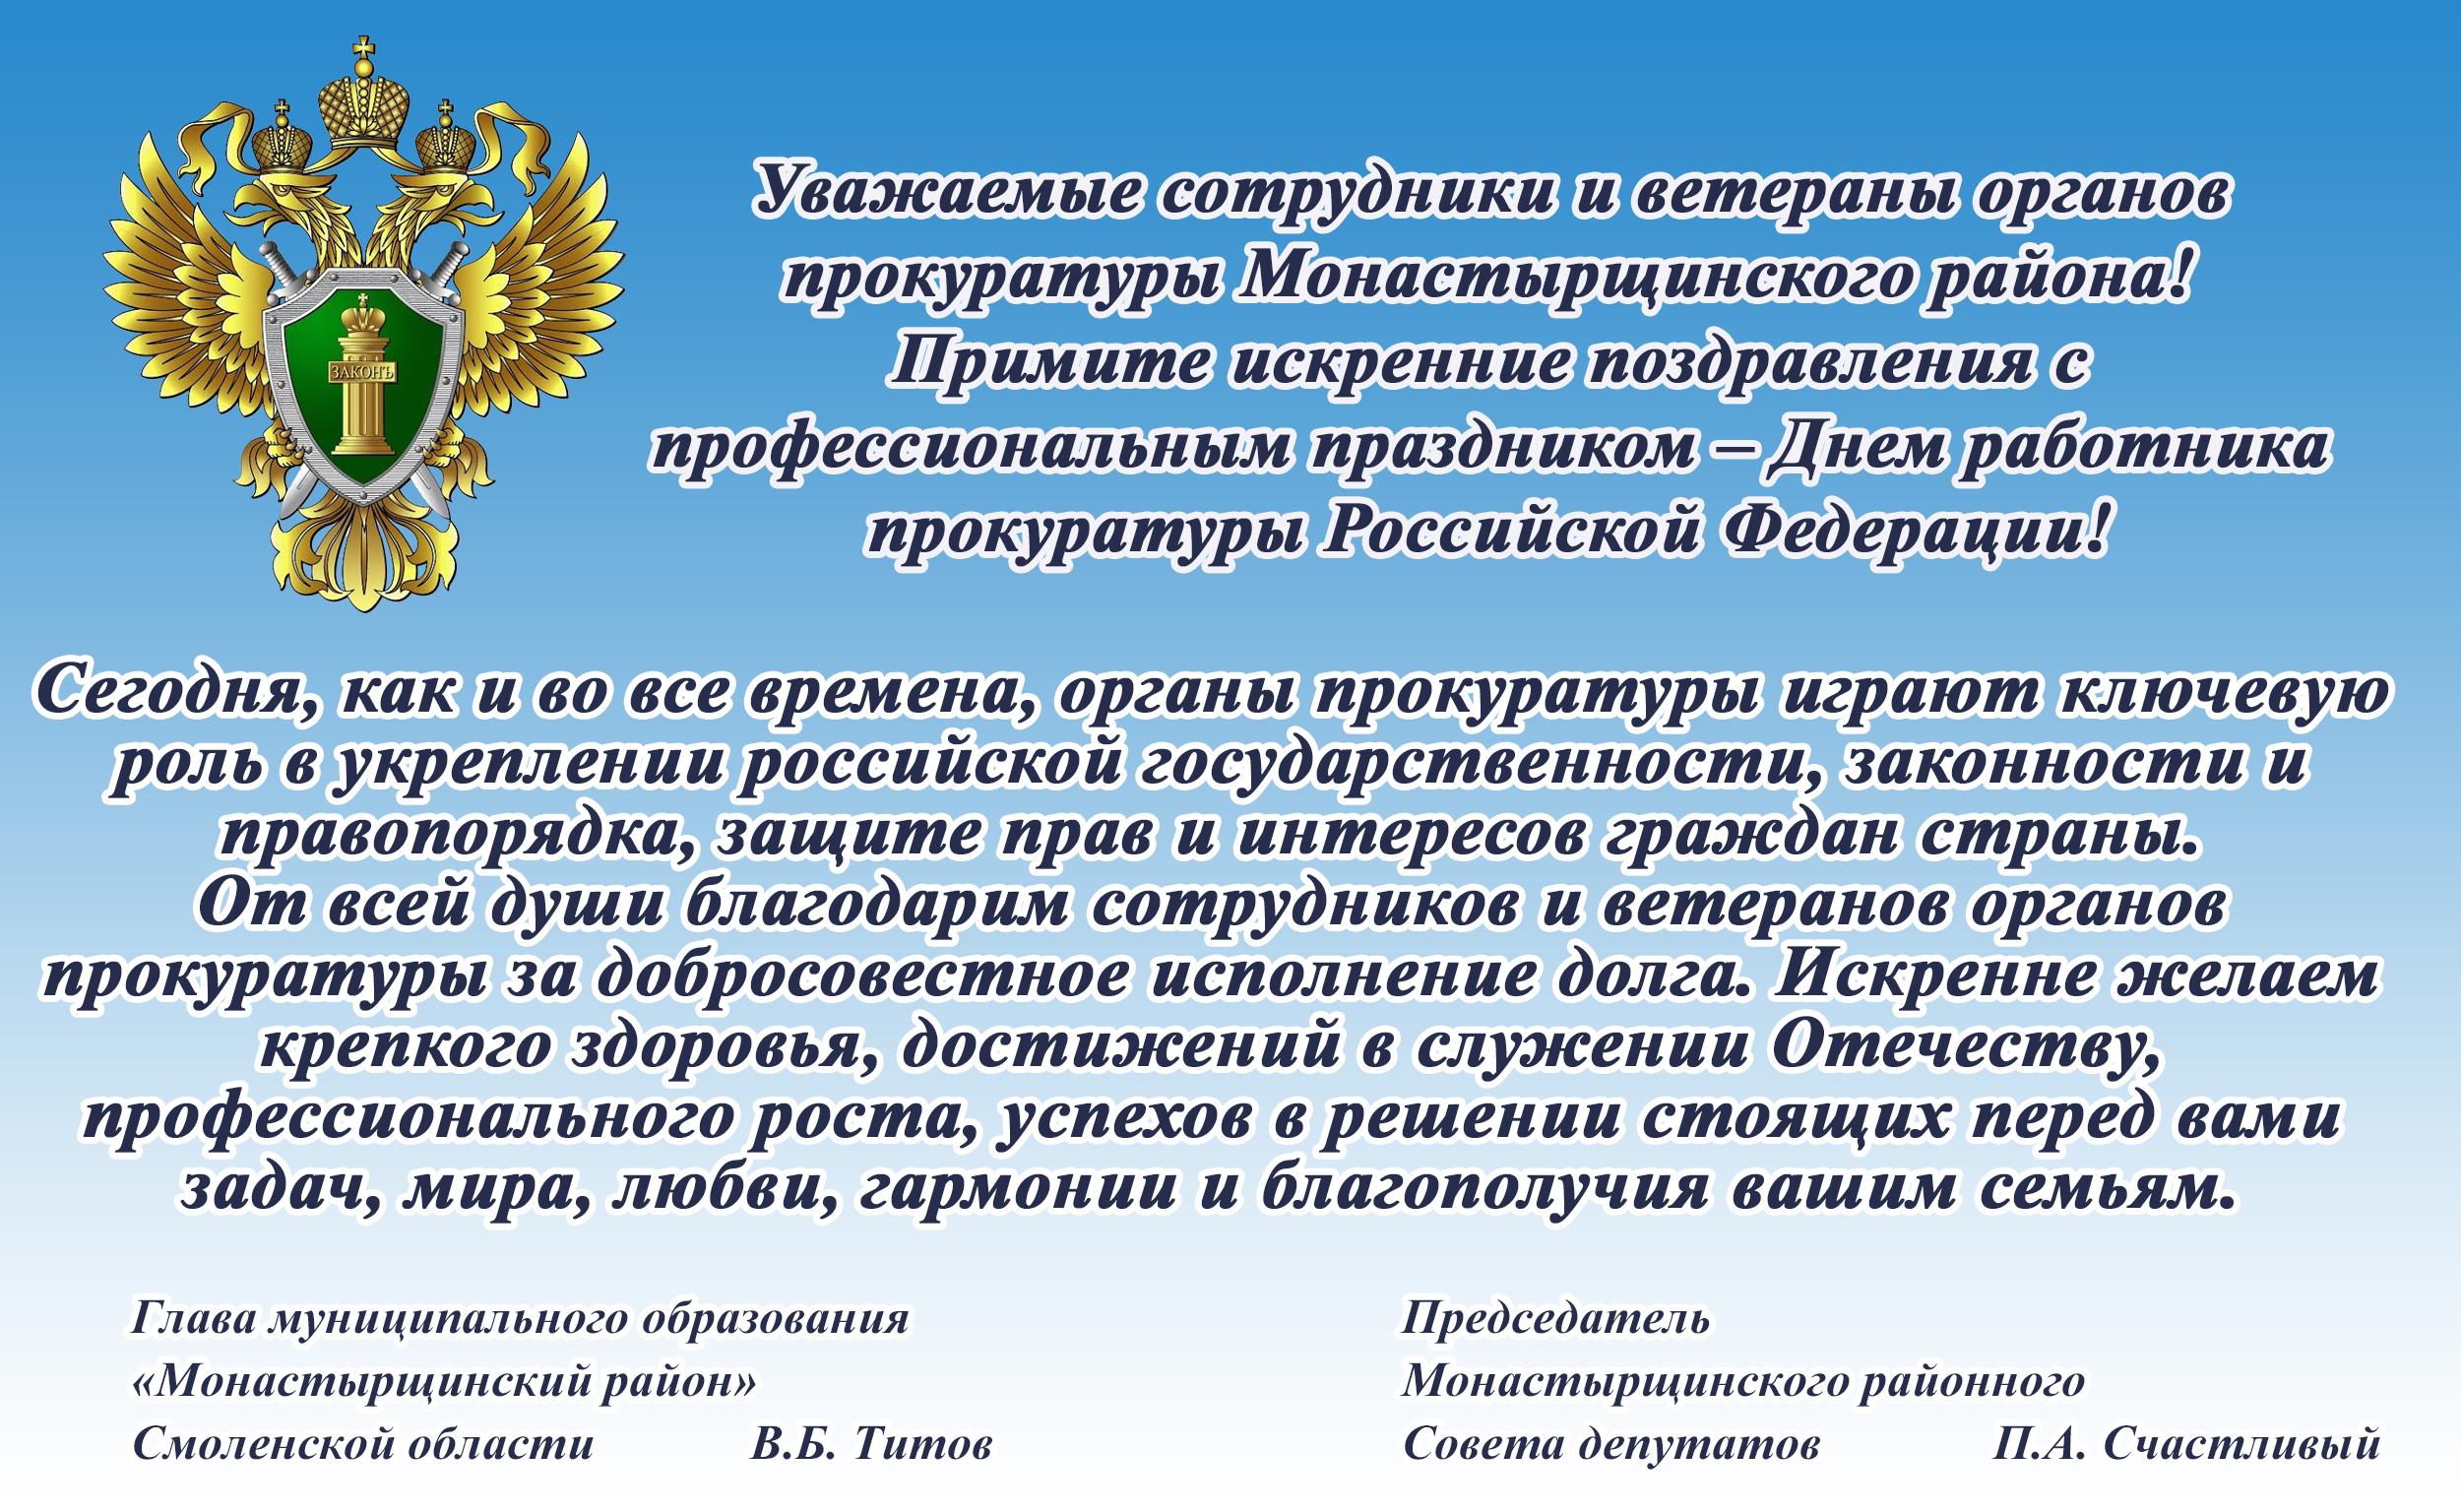 поздравление с днем работника прокуратуры официальное